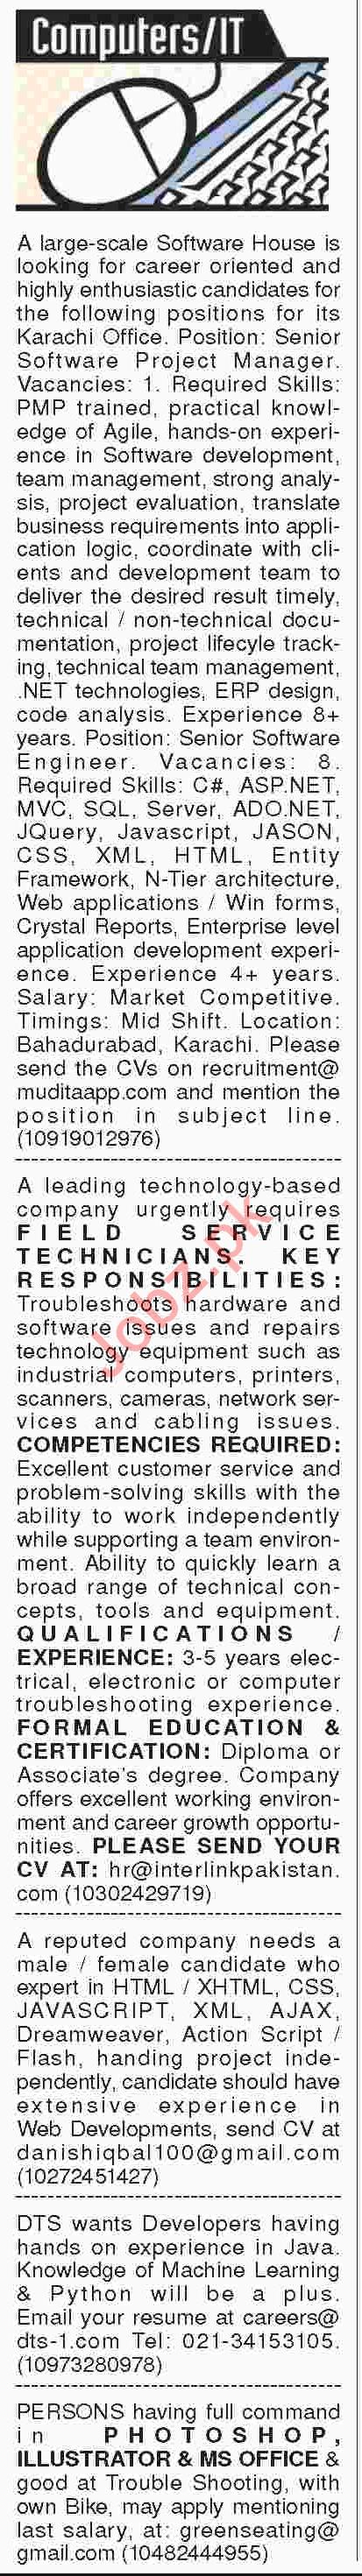 Computers / IT Jobs 2018 in Karachi